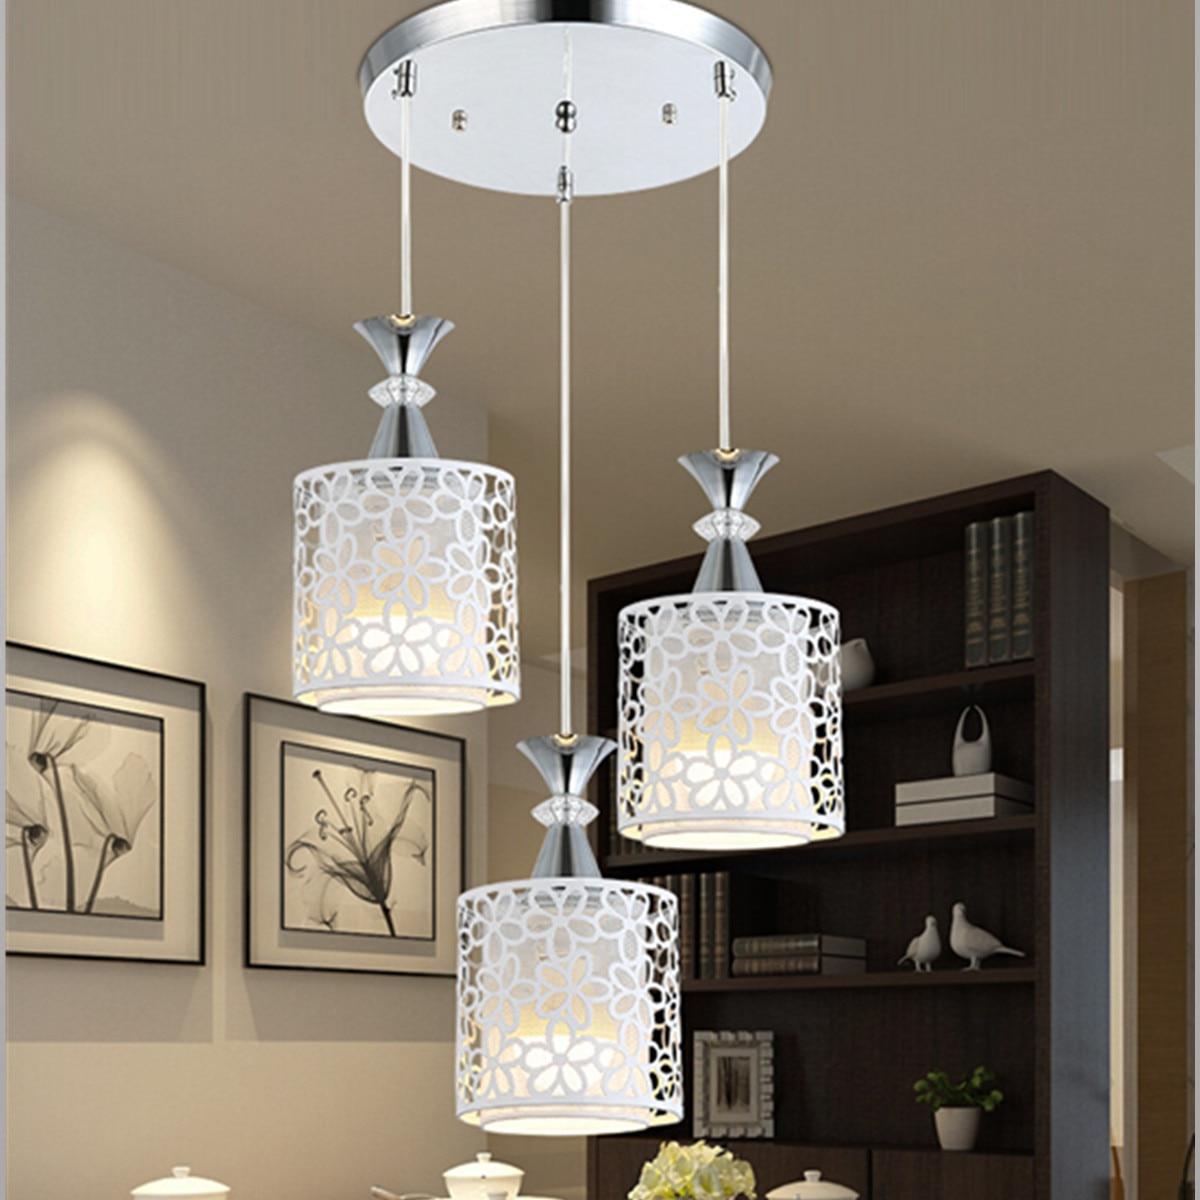 Crystal Ceiling Lamp | Crystal Ceiling Lights | Modern LED Lamps For Living Room Dining Room Glass Ceiling Lights Voltage 220V